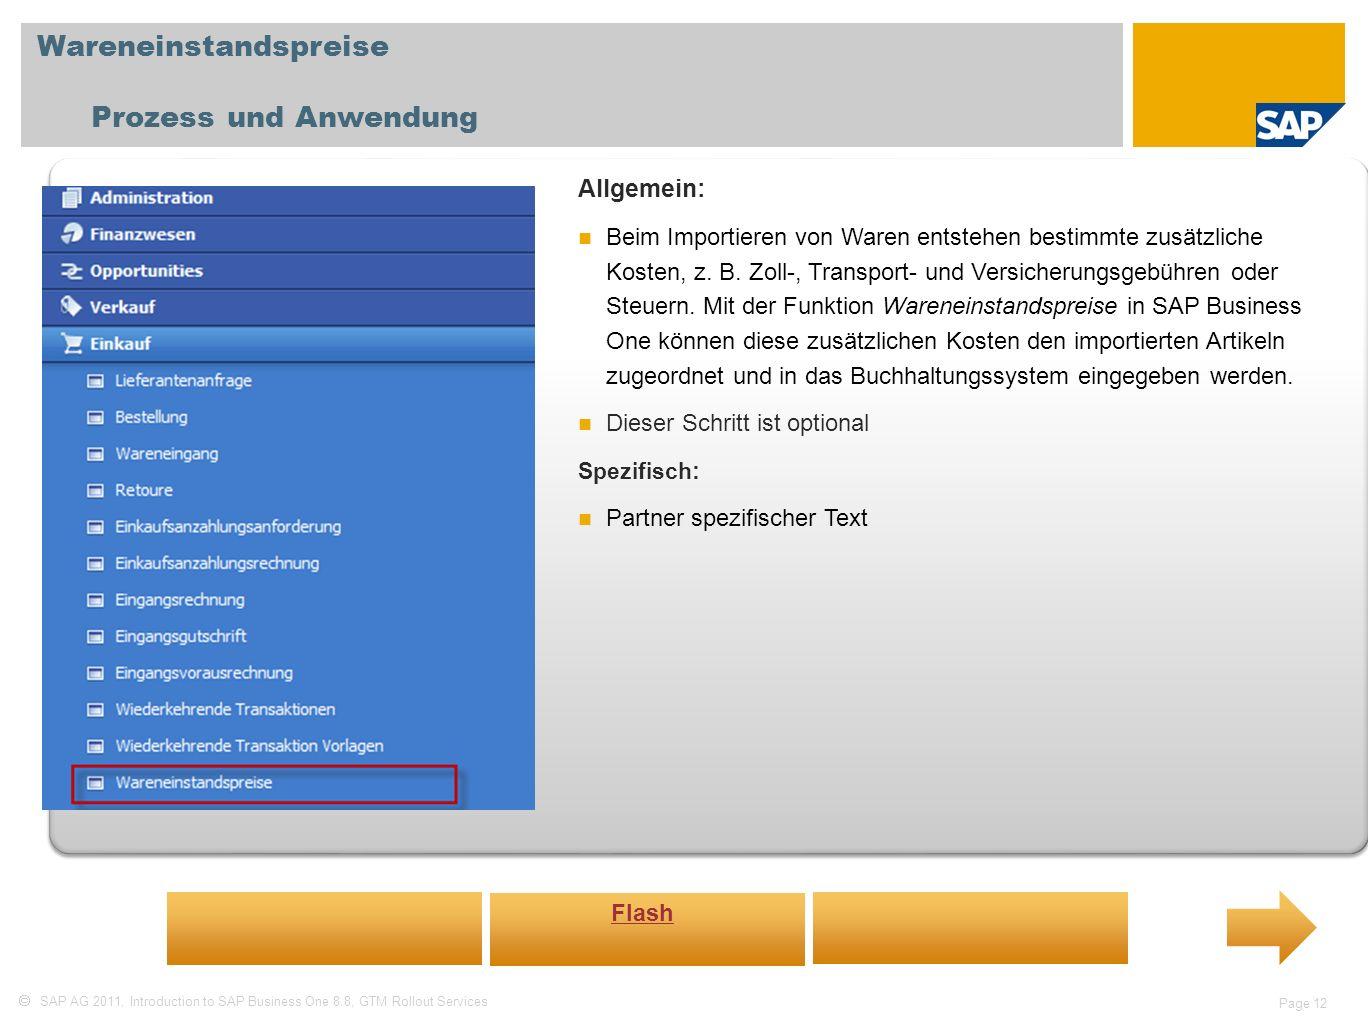 SAP AG 2011, Introduction to SAP Business One 8.8, GTM Rollout Services Page 12 Wareneinstandspreise Prozess und Anwendung Allgemein: Beim Importieren